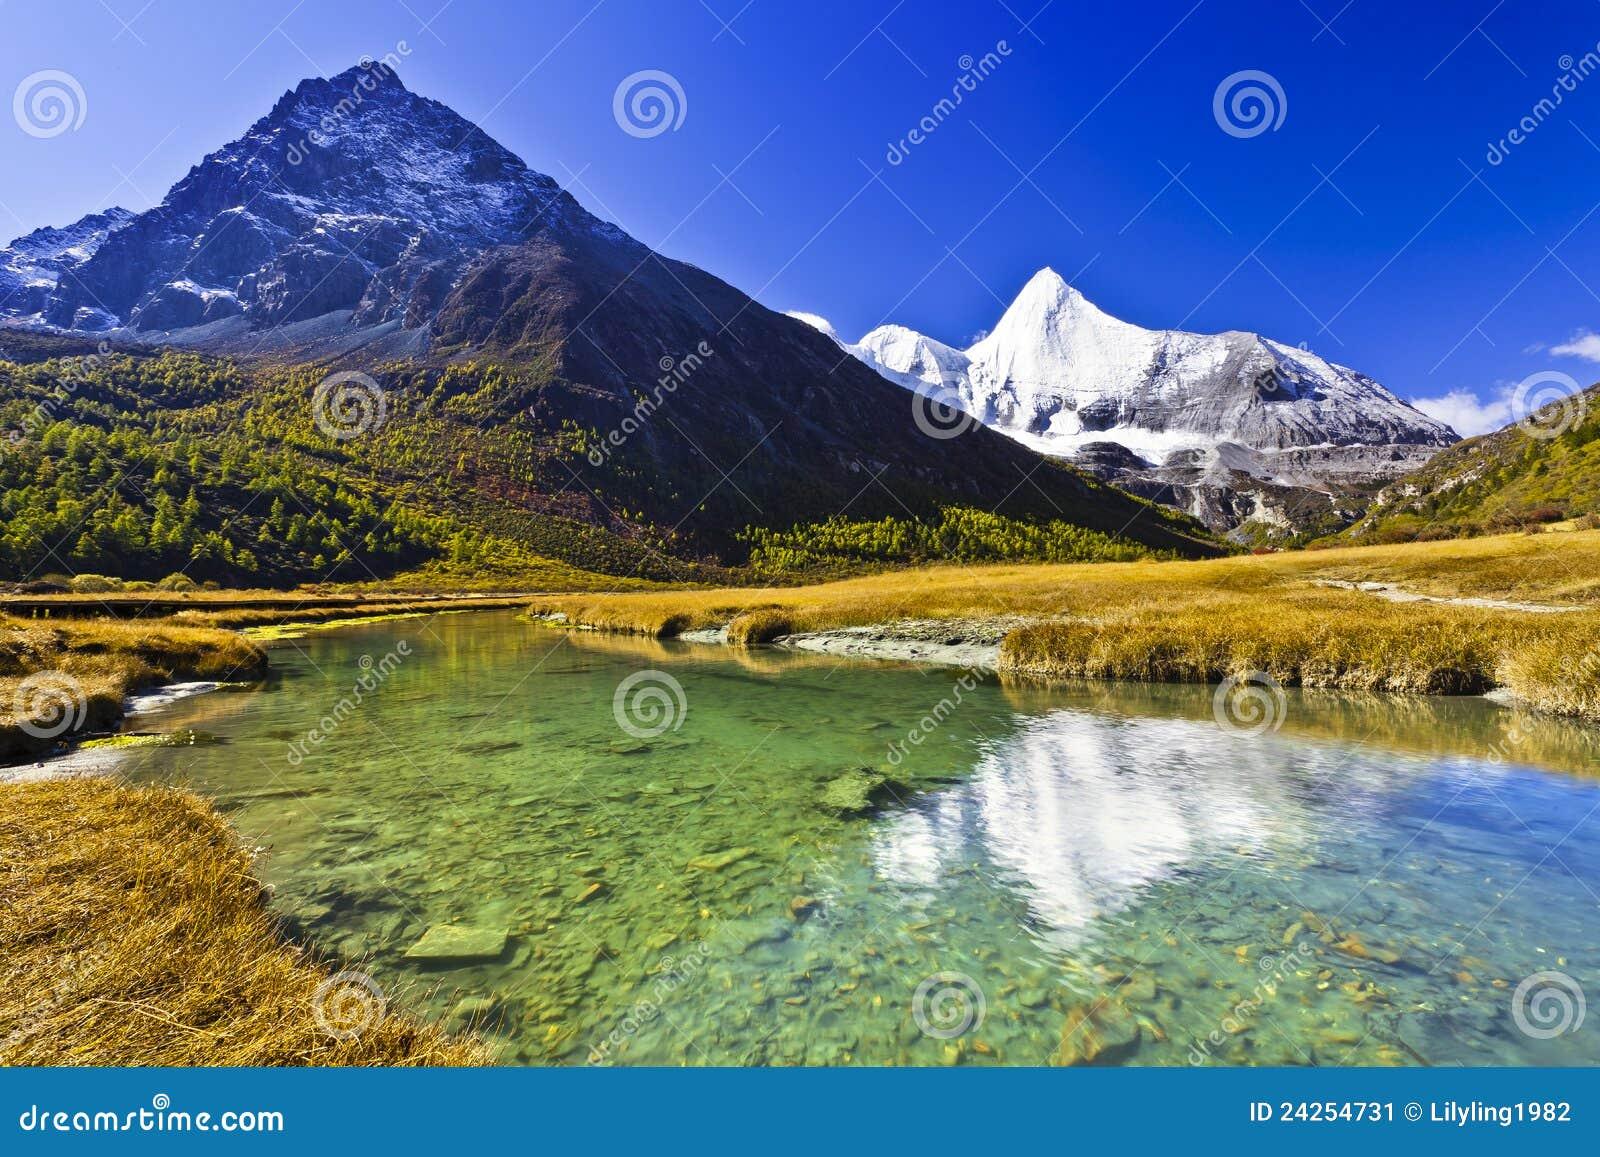 De berg van de sneeuw